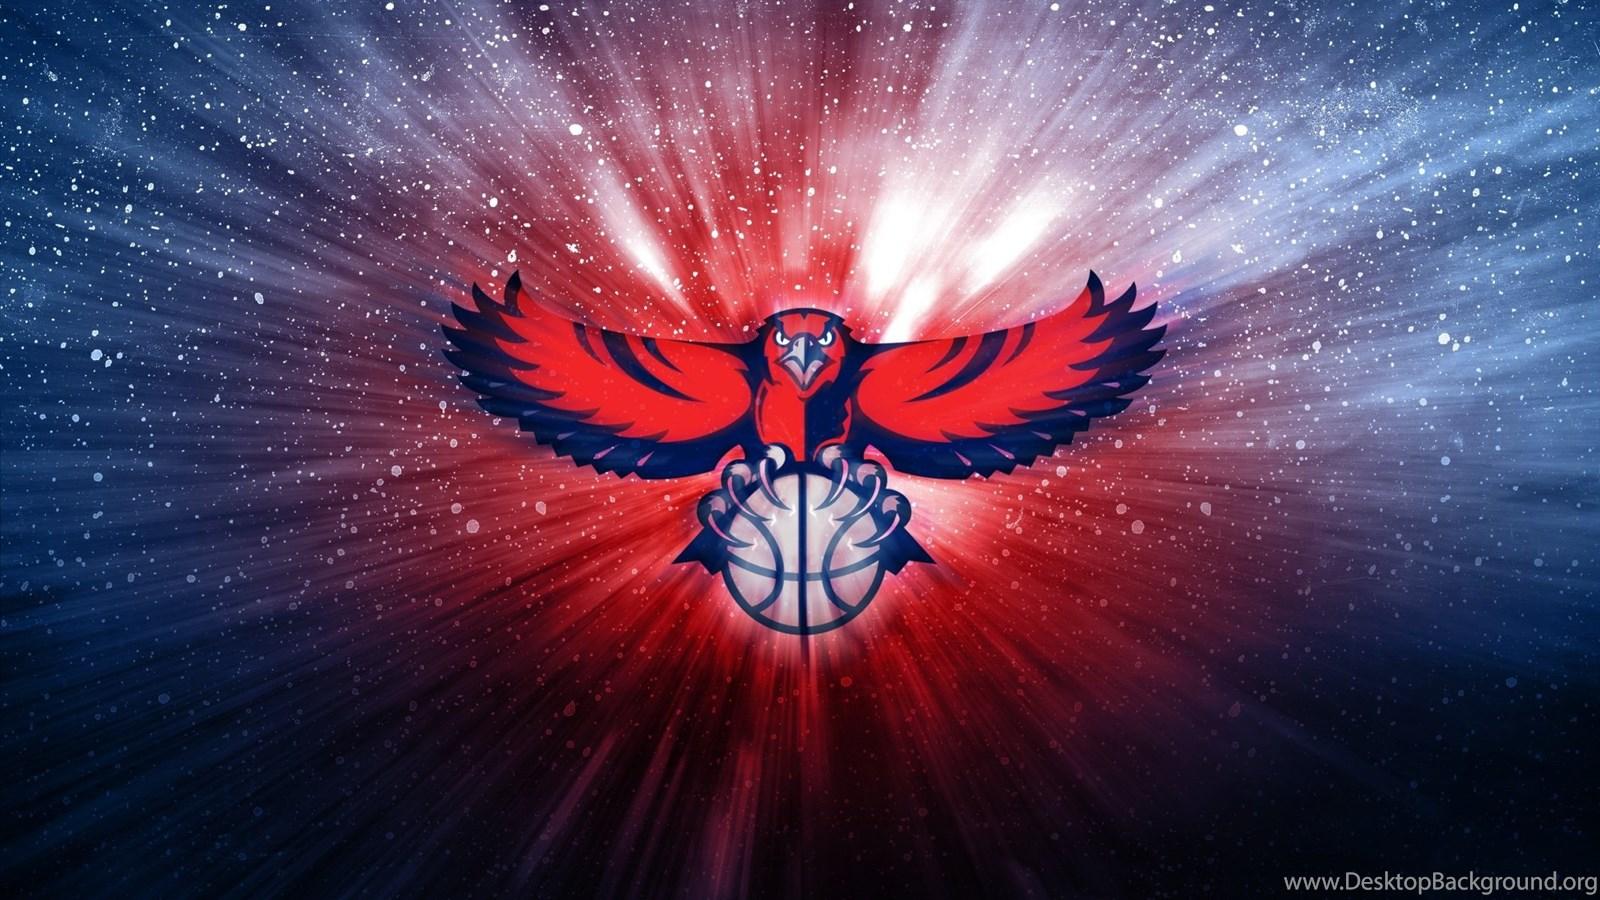 Atlanta Hawks Nba Logo Basketball Ball Backgrounds HD